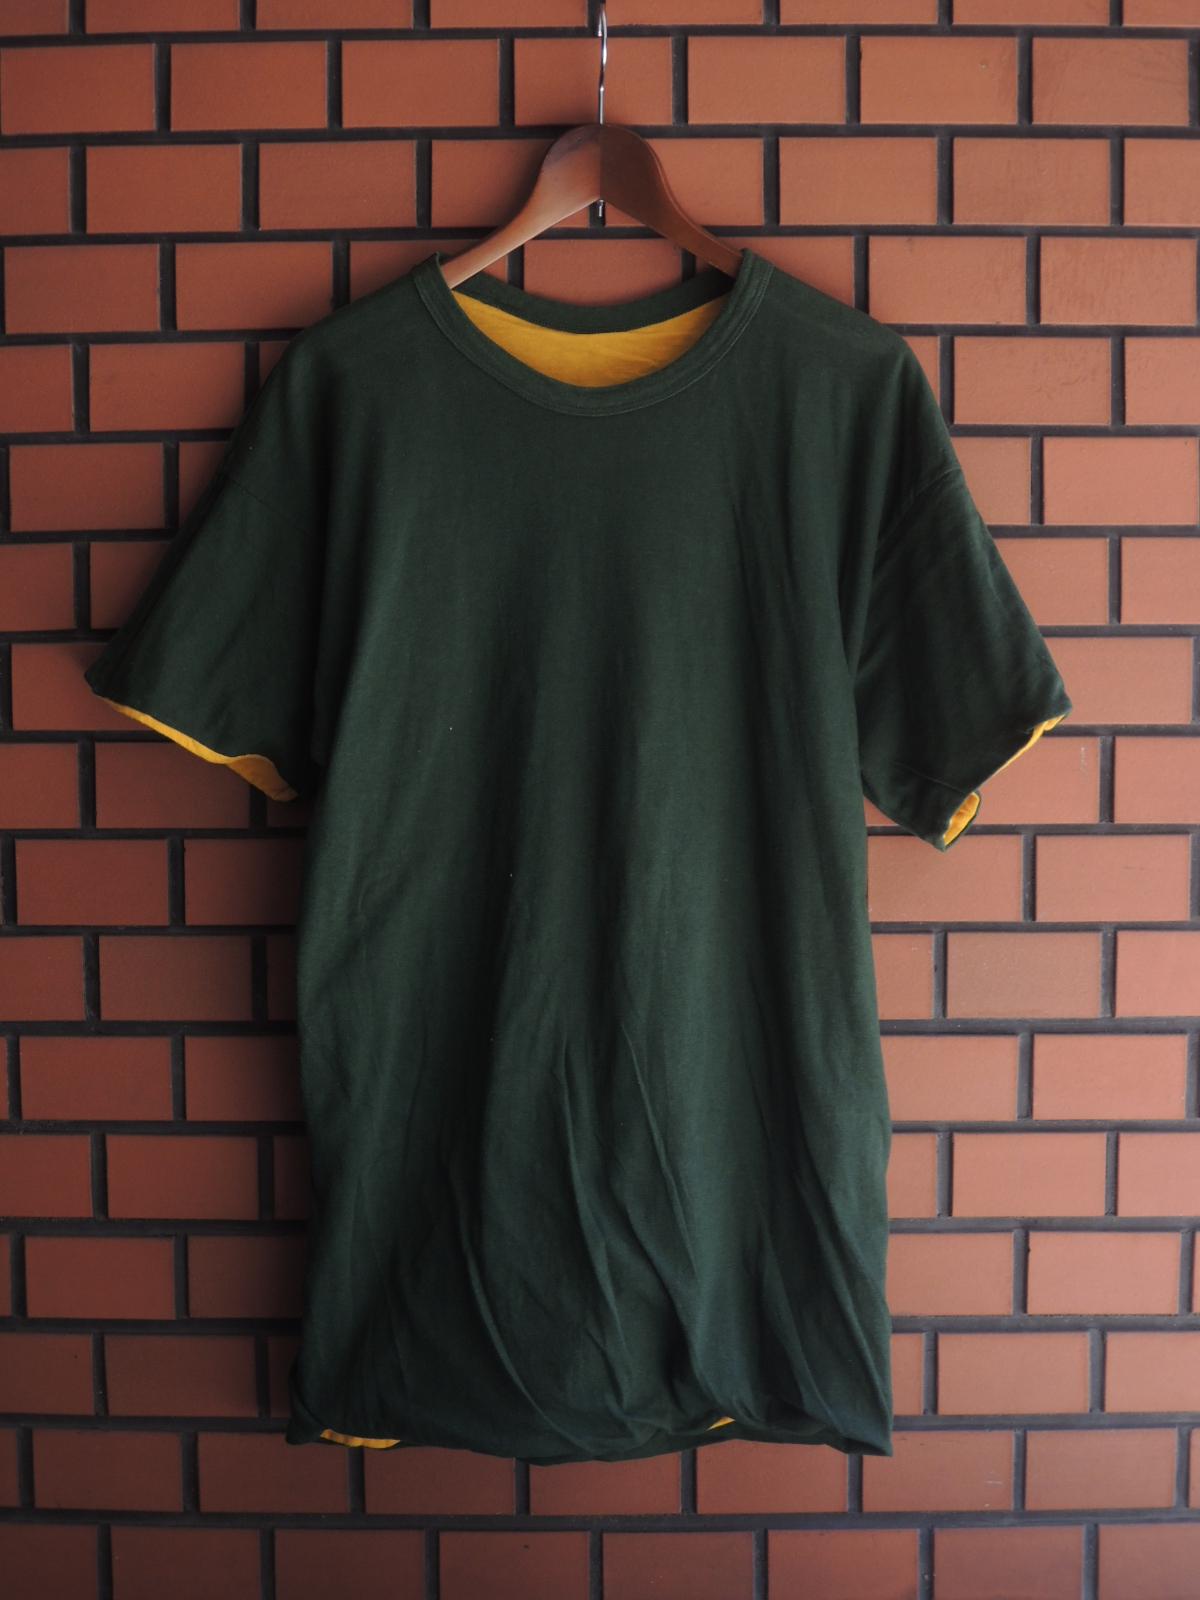 reversibletshirts03.JPG